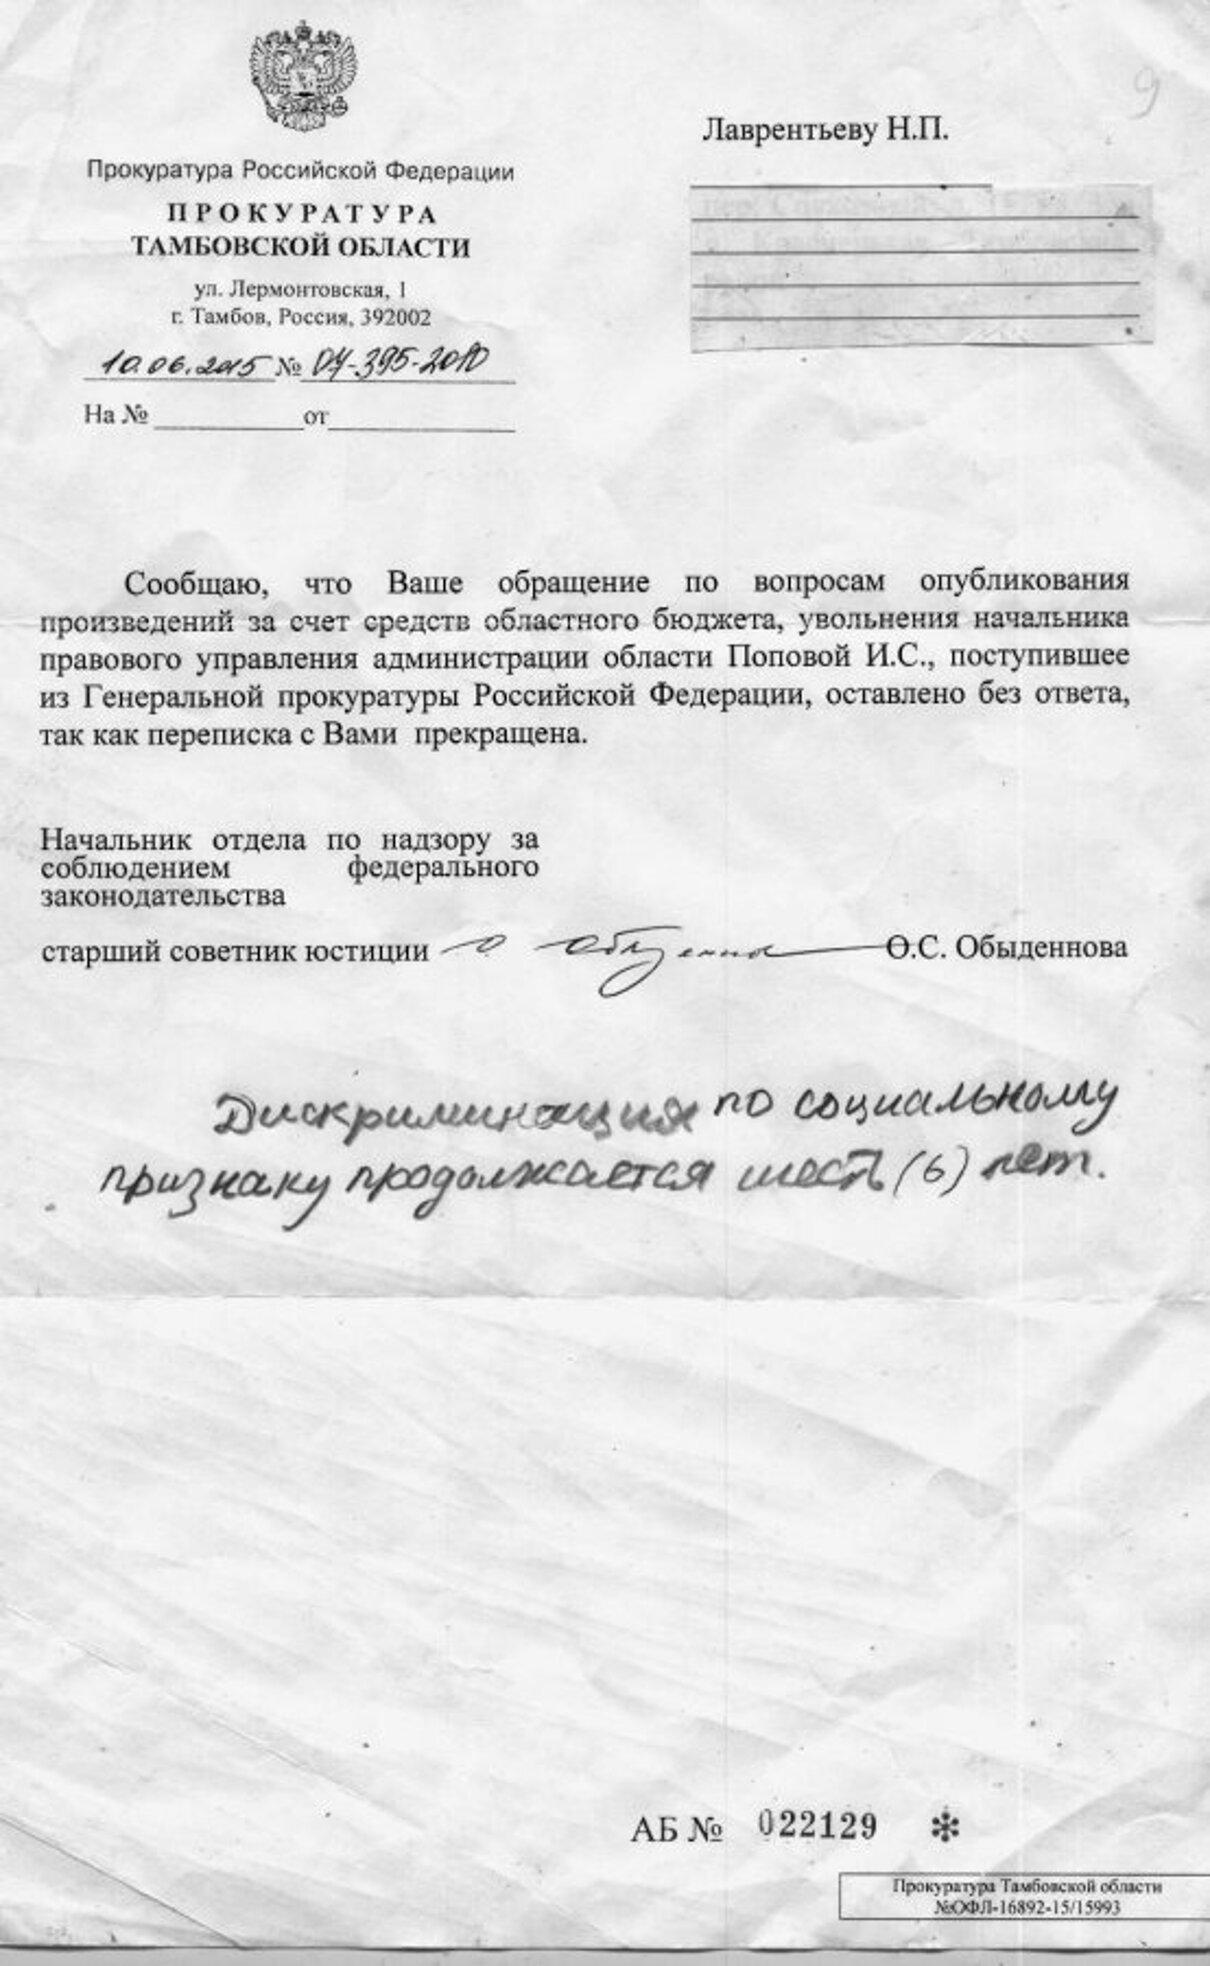 Жалоба-отзыв: Госдума России - Статья 3.1 и 3.2 Конституции РФ твердит о том, что люди РФ могут внести в Госдуму инициативы. Неопровержимые мнения должны стать законами.  Фото №1